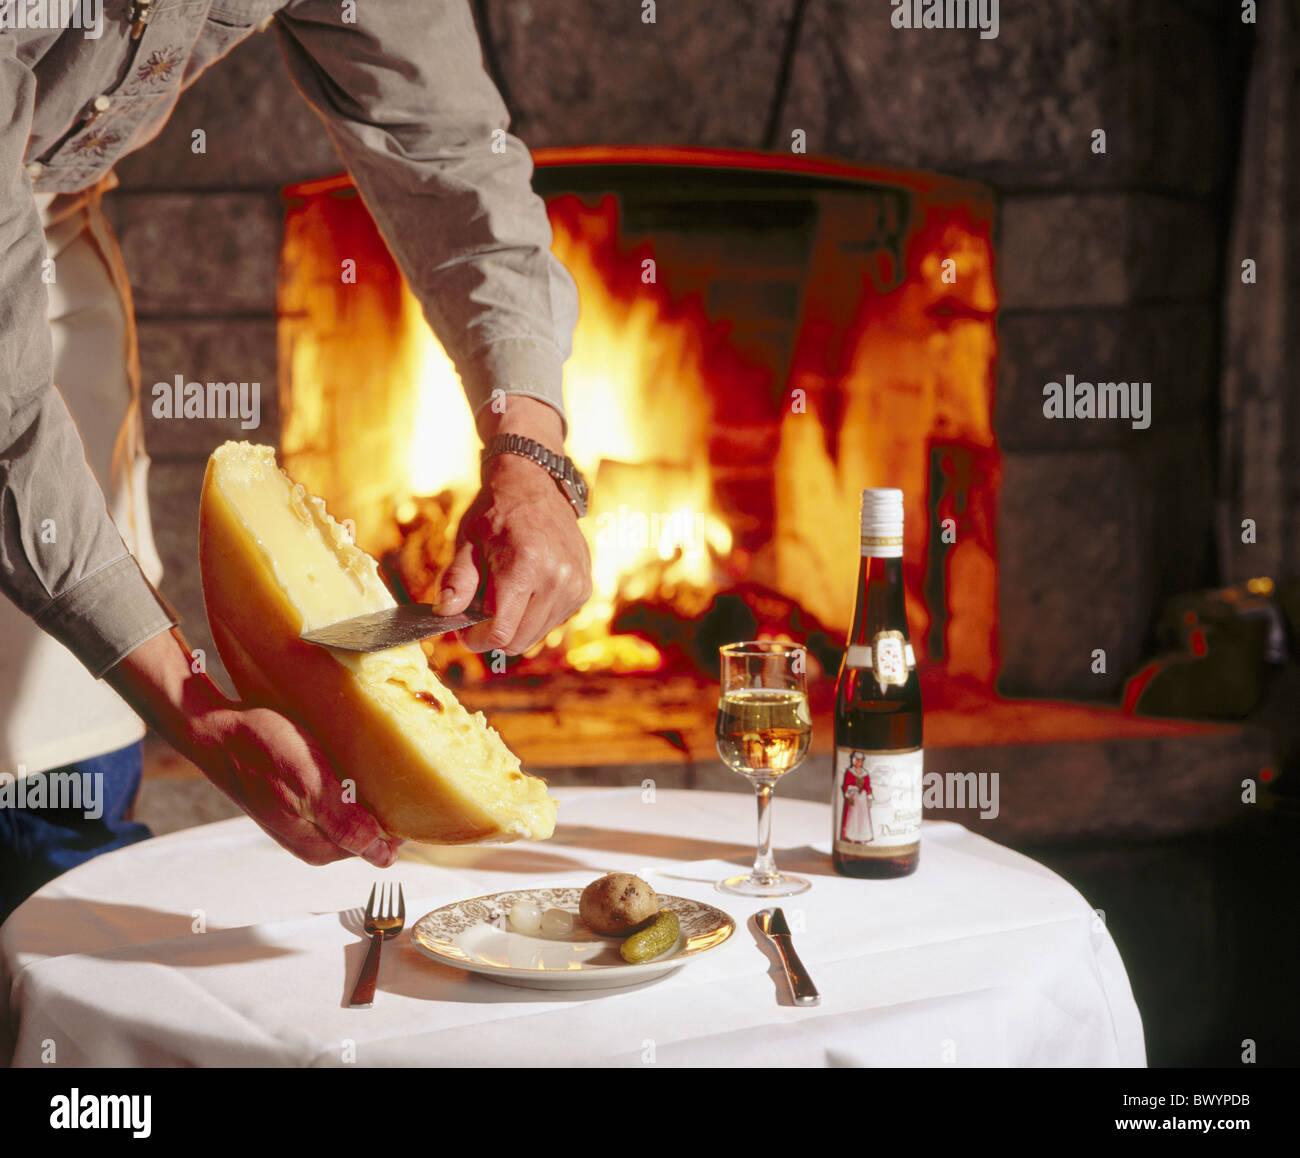 Kamin Essen essen essen feuer bequem gerichte gerichte schornstein kamin